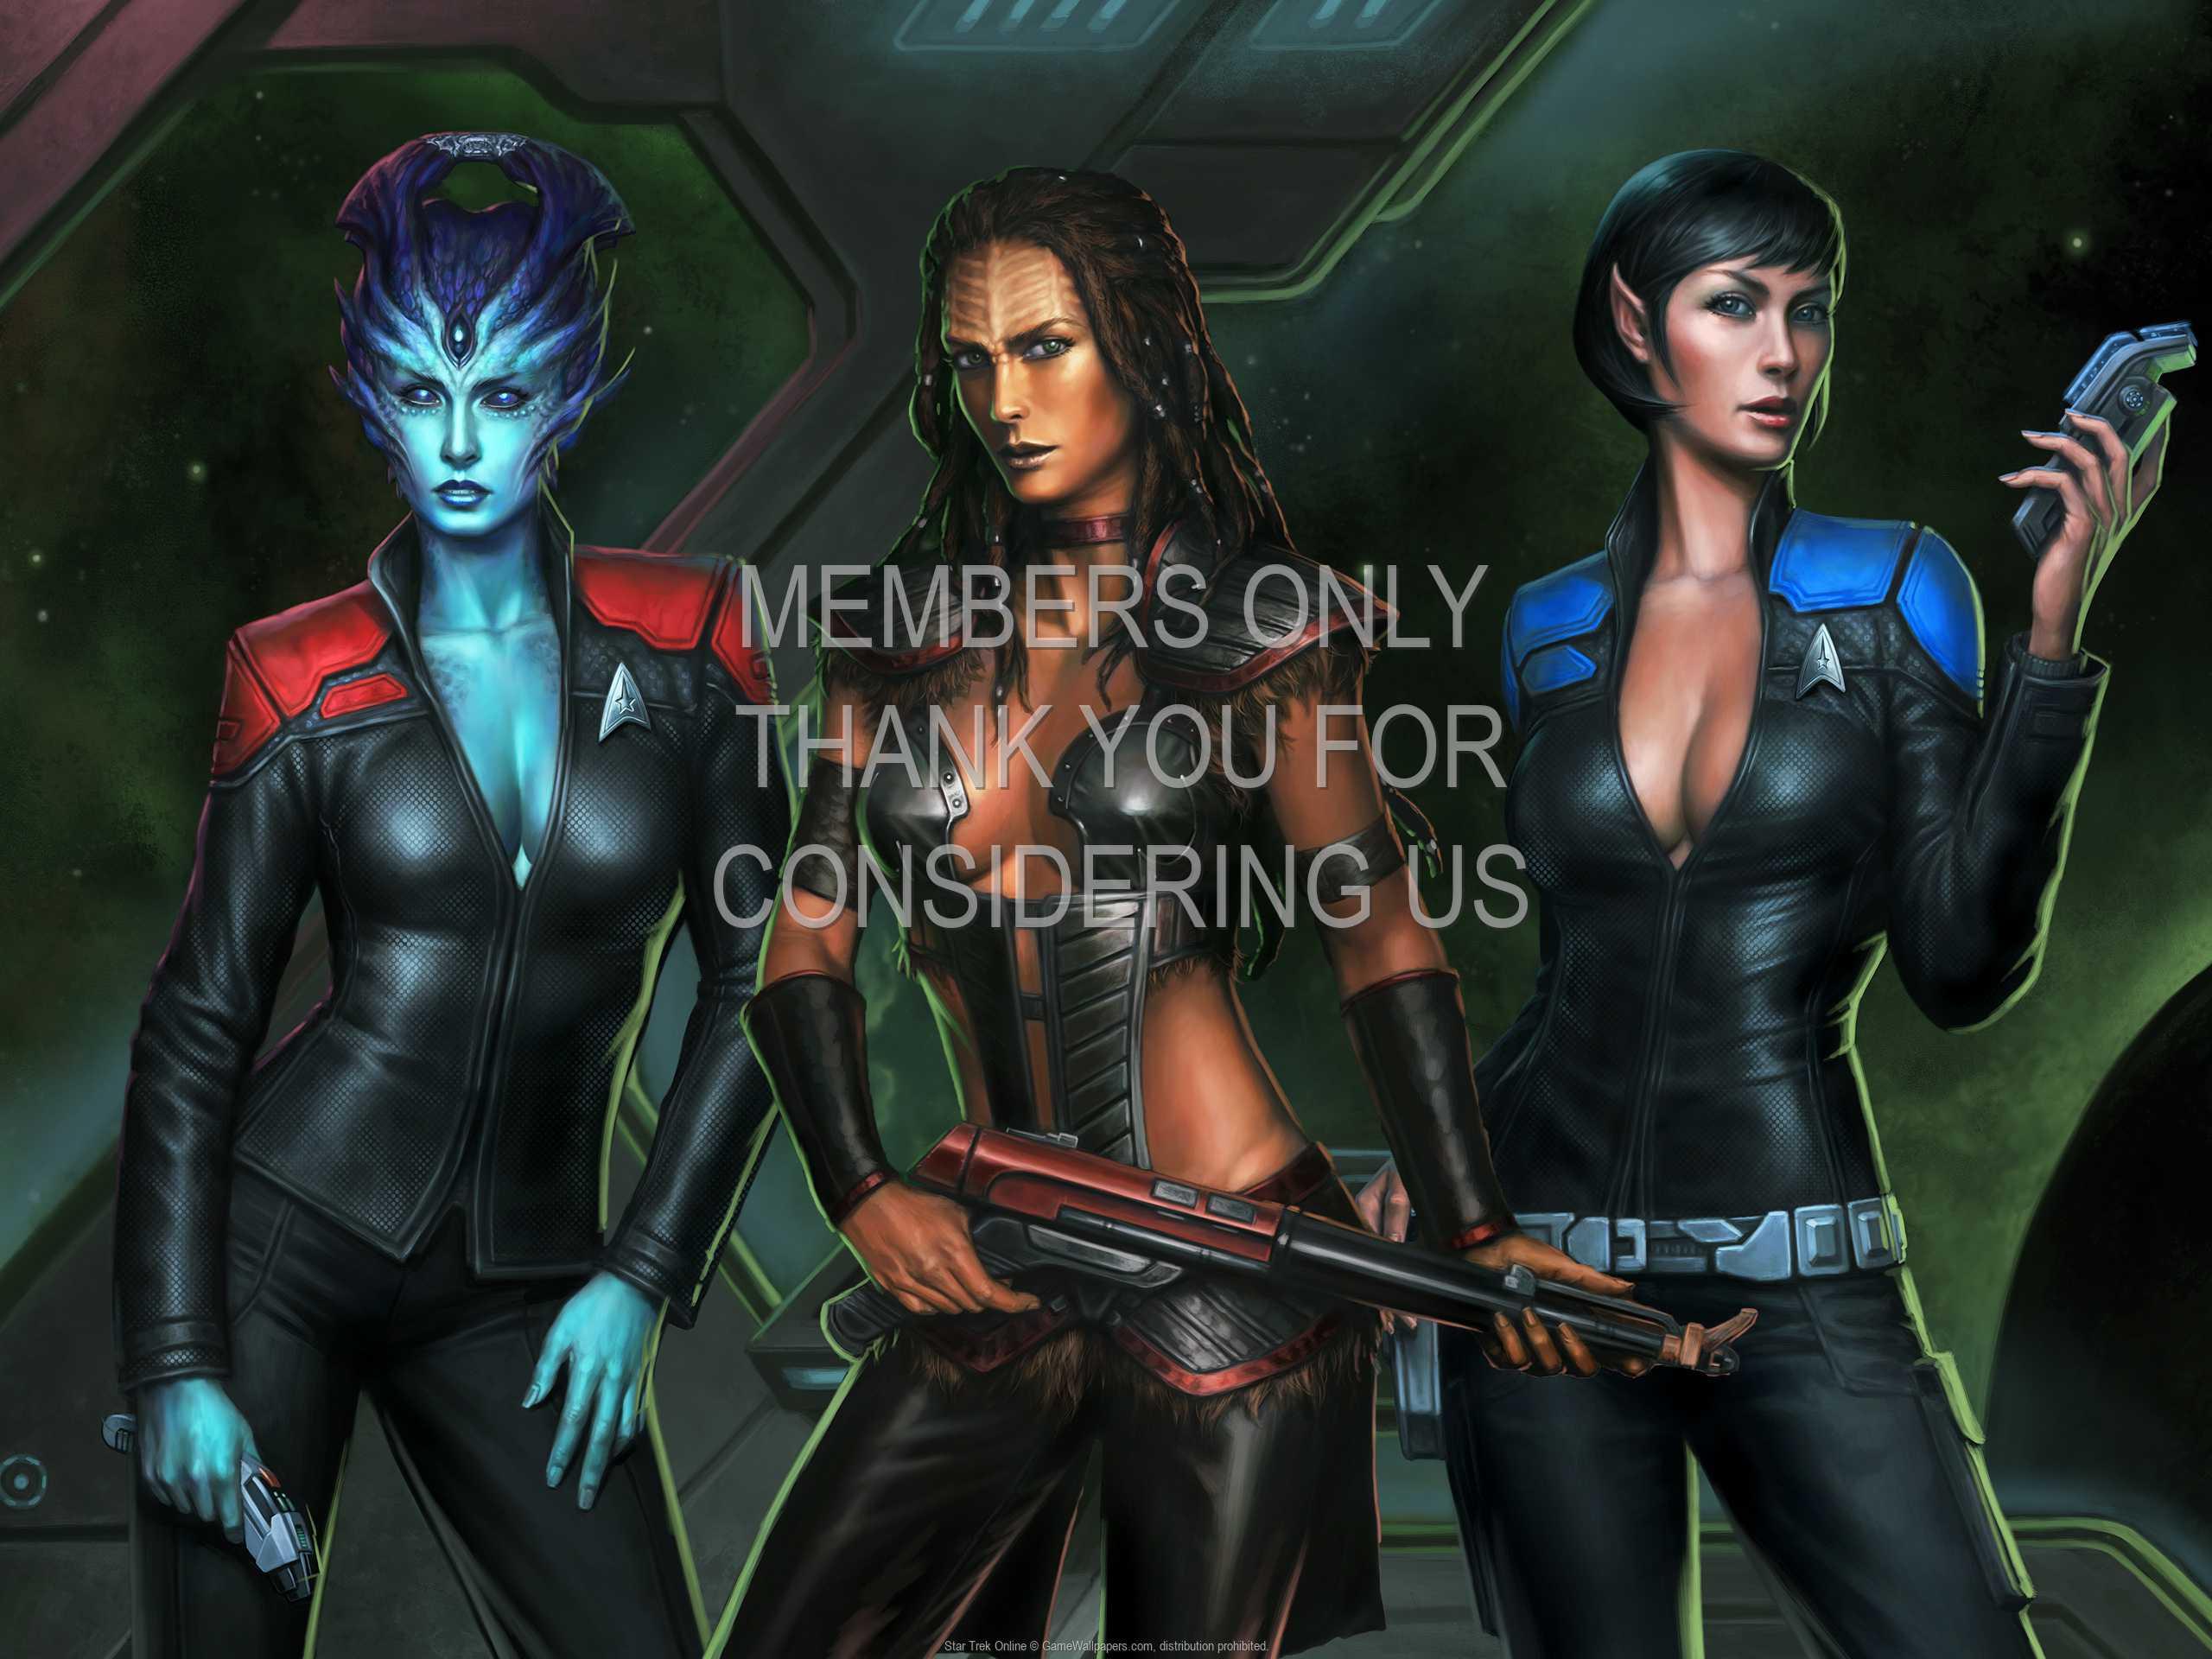 Star Trek Online 1080p Horizontal Mobile wallpaper or background 06